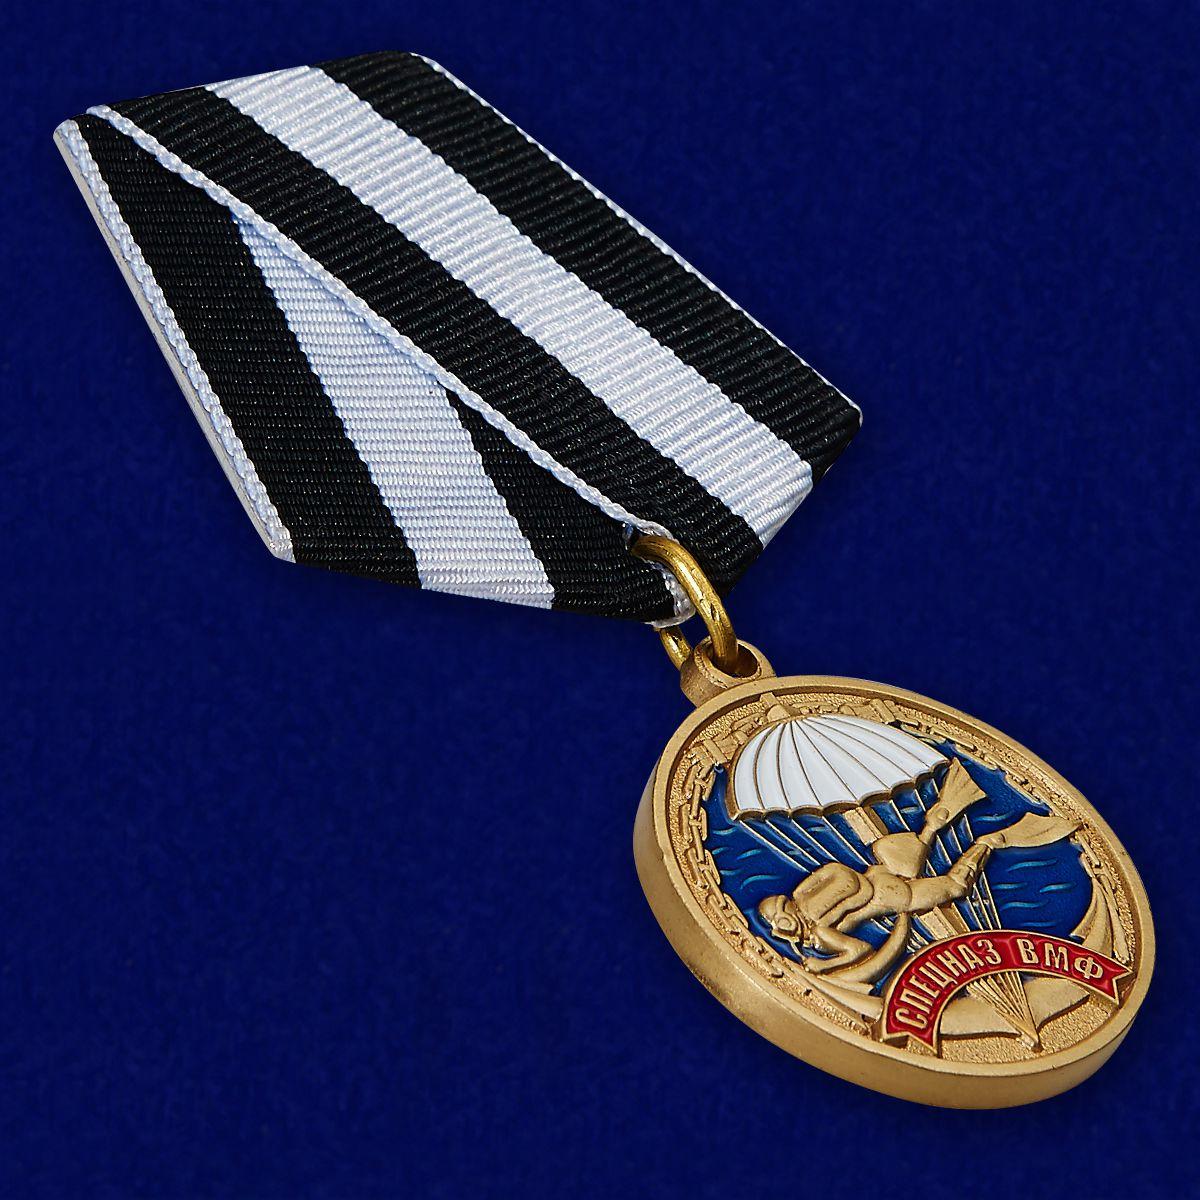 Выгодно купить медаль Спецназа ВМФ «Ветеран»